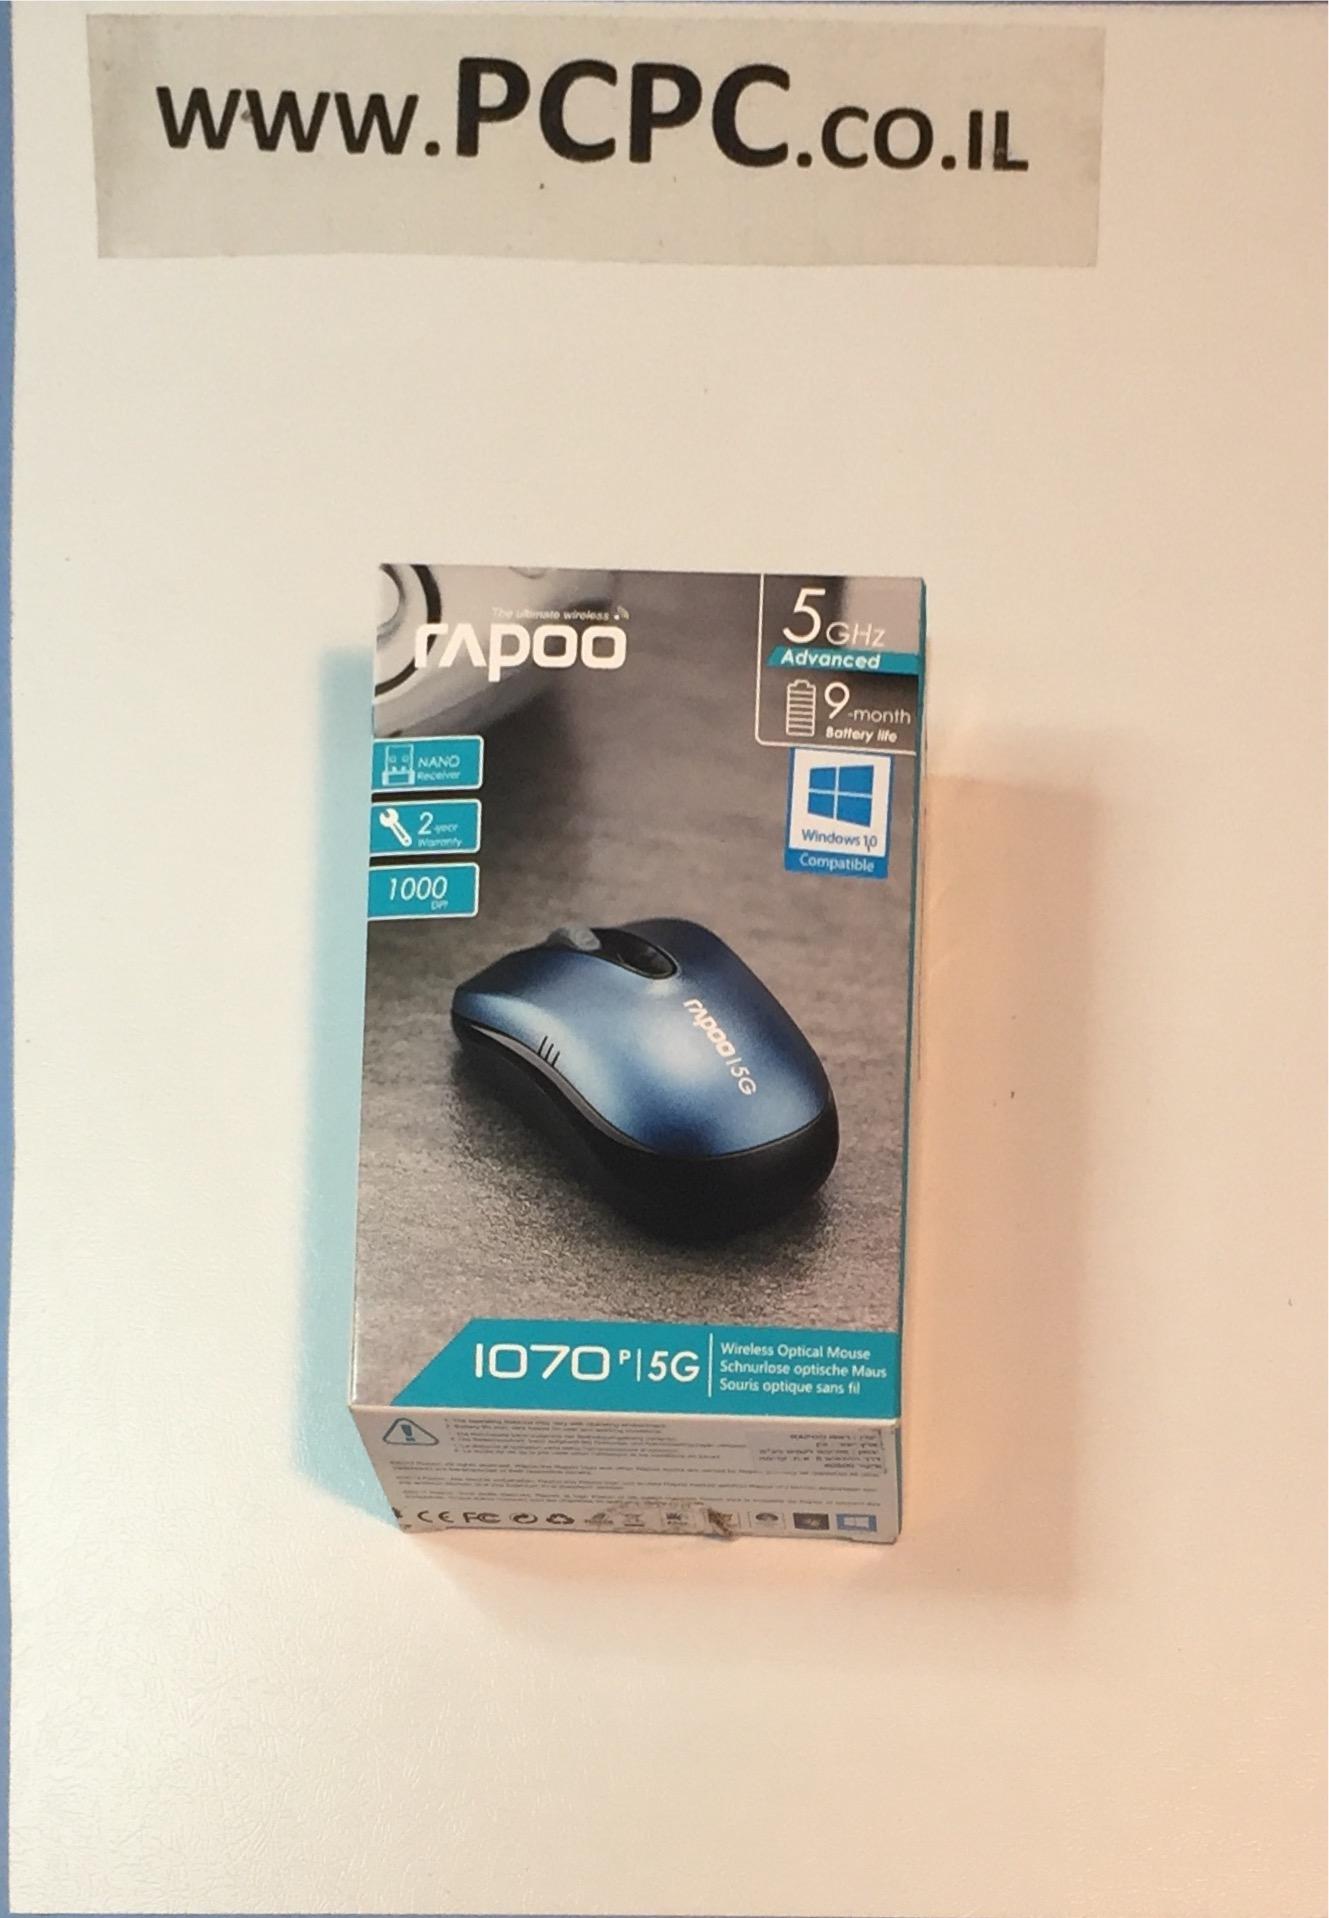 עכבר  אופטי  אלחוטי  RAPOO  1070PBL  5.2G  שחור